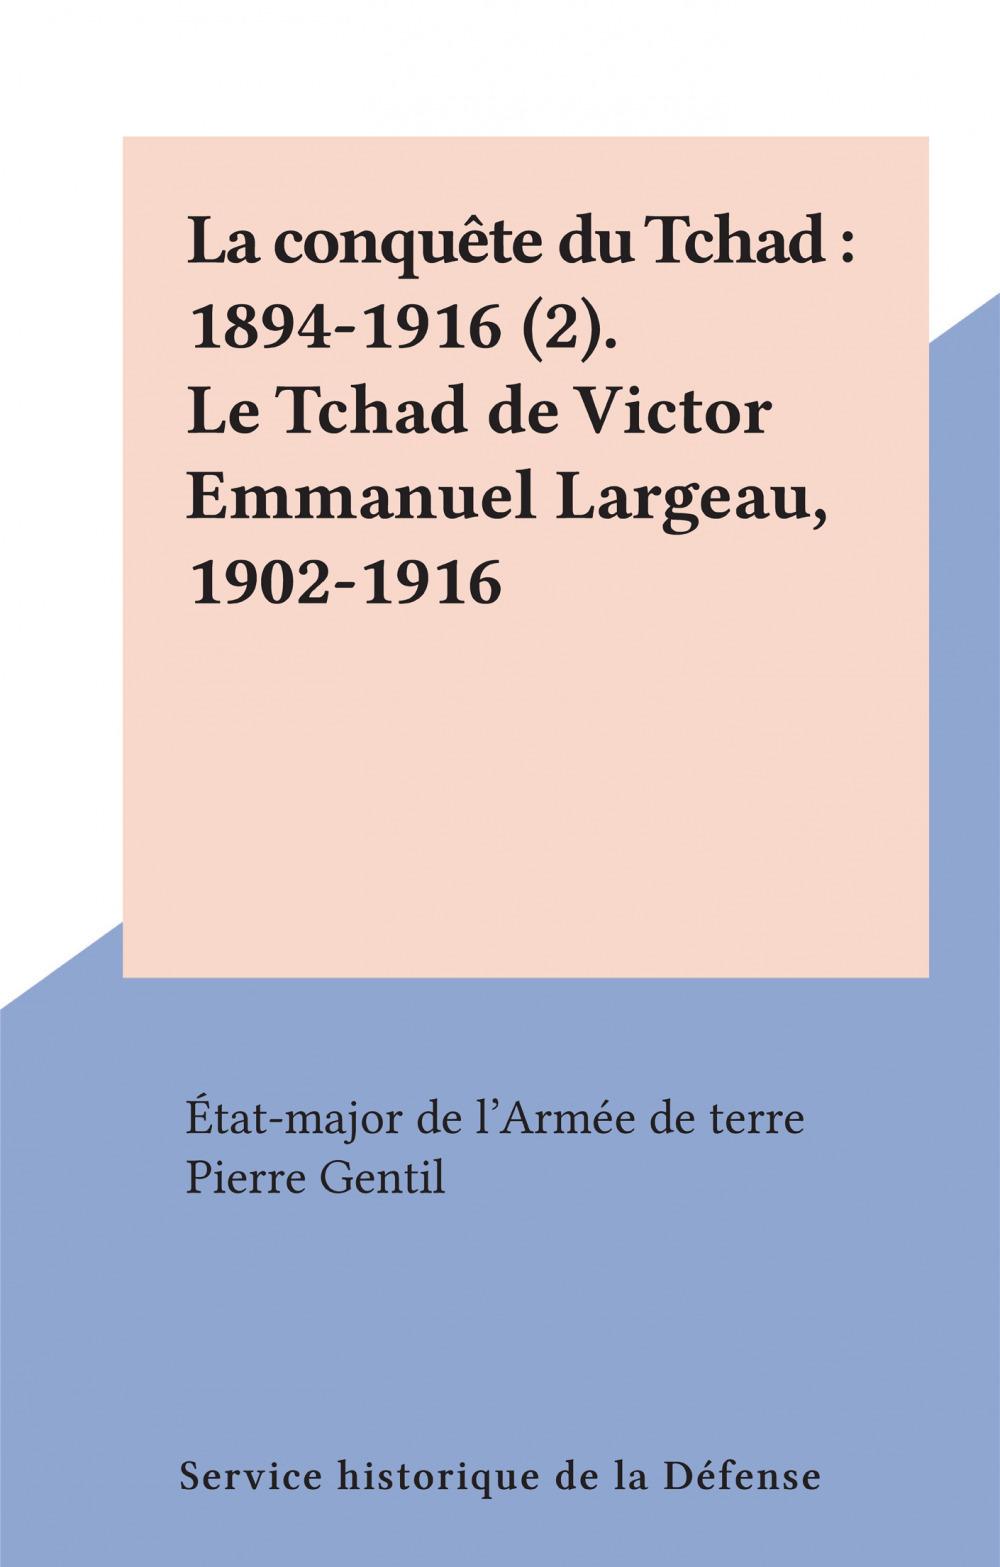 La conquête du Tchad : 1894-1916 (2). Le Tchad de Victor Emmanuel Largeau, 1902-1916